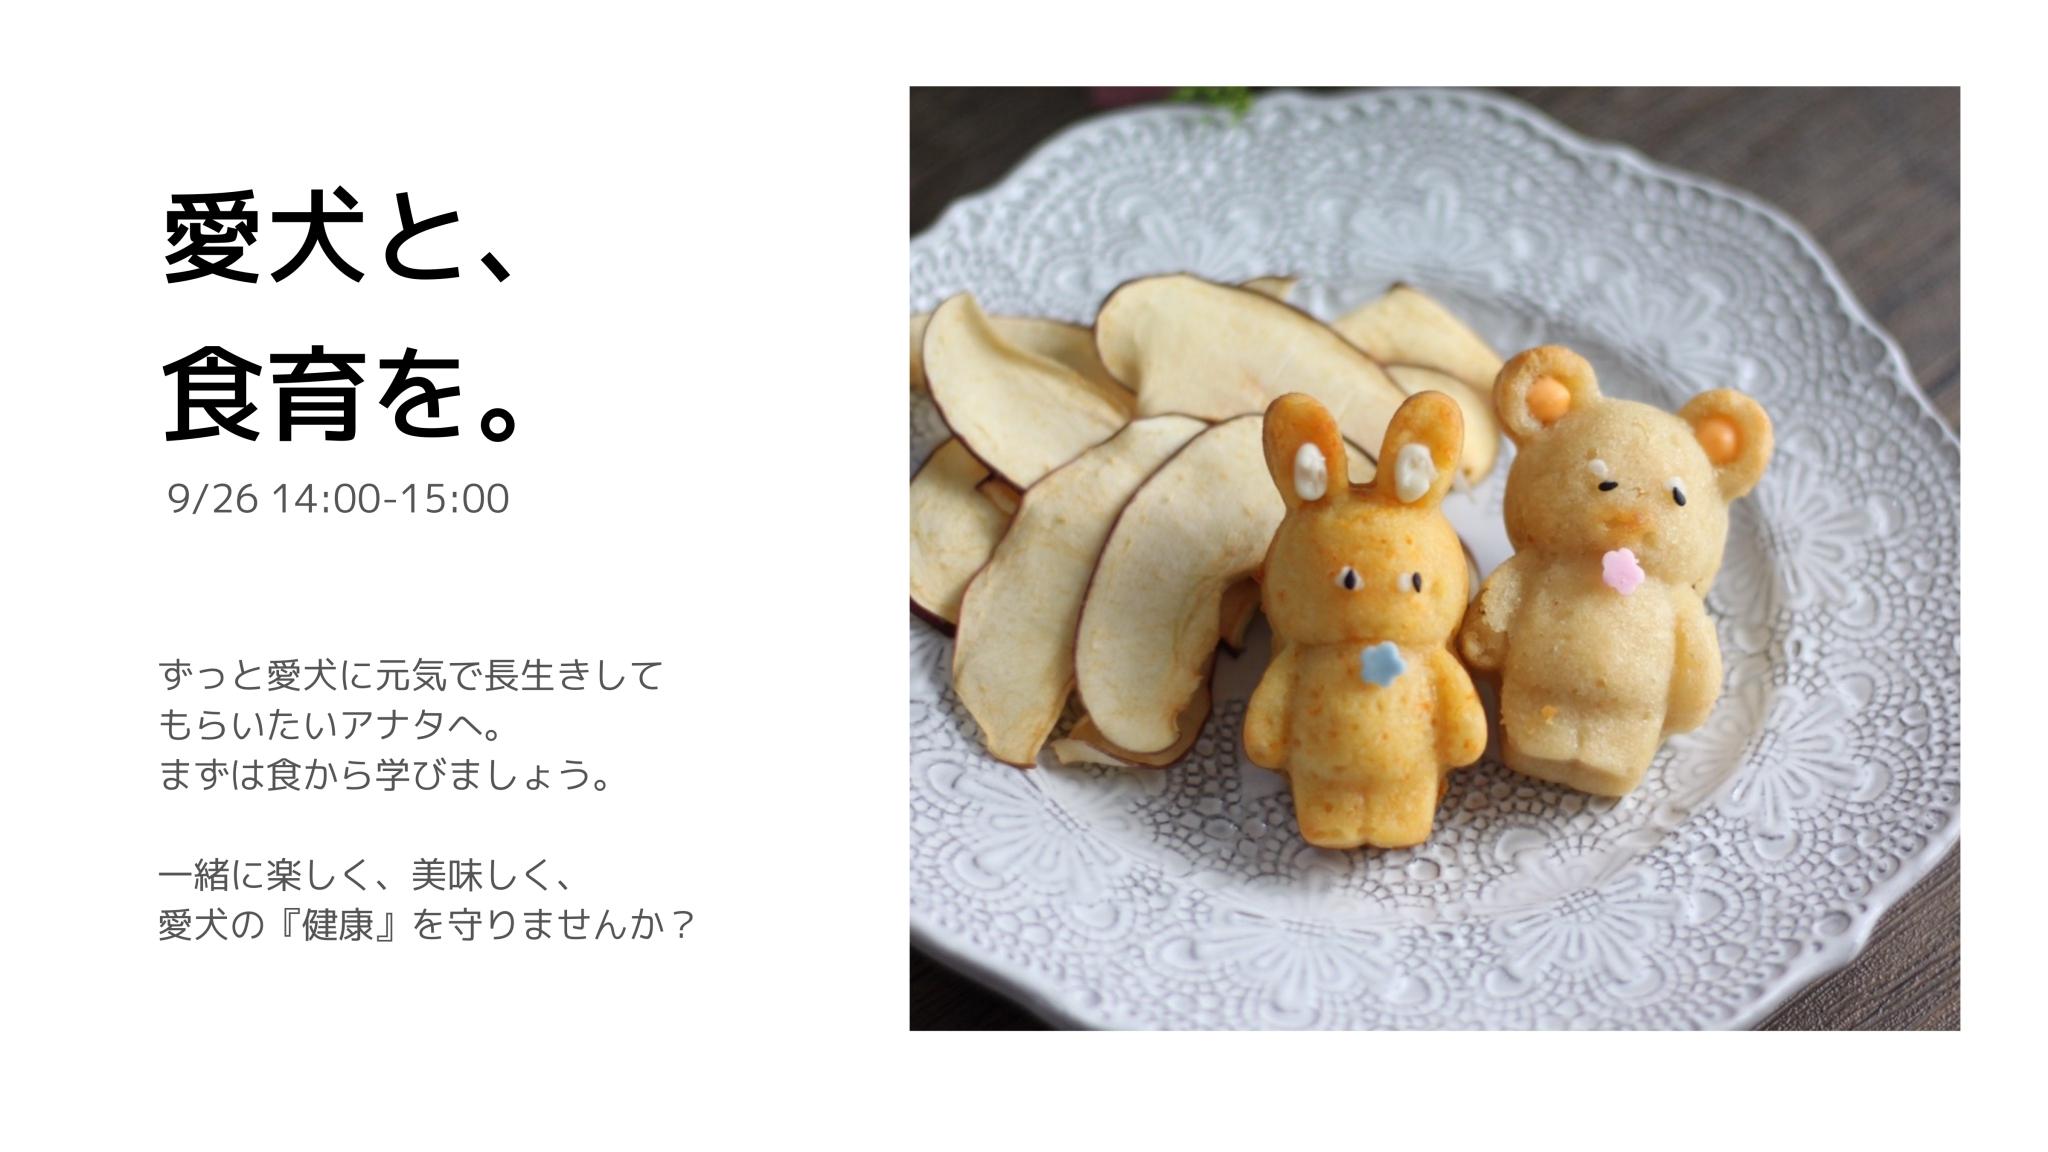 9/26 愛犬と飼い主さんの食育講座